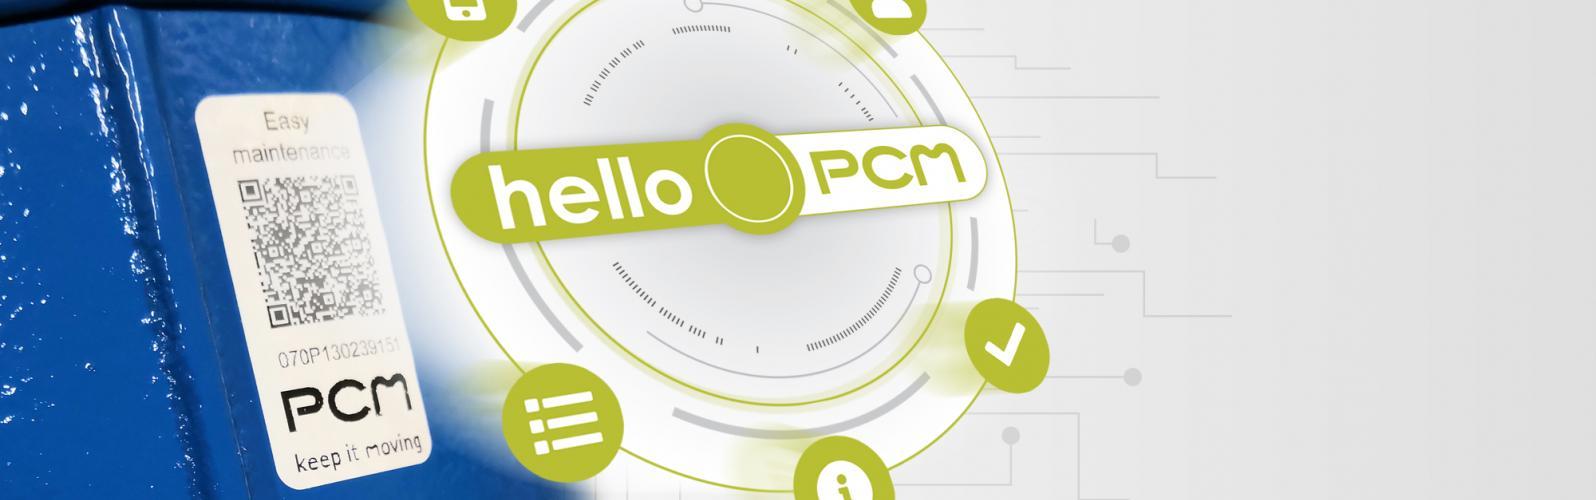 Hello PCM - Aplicación digital